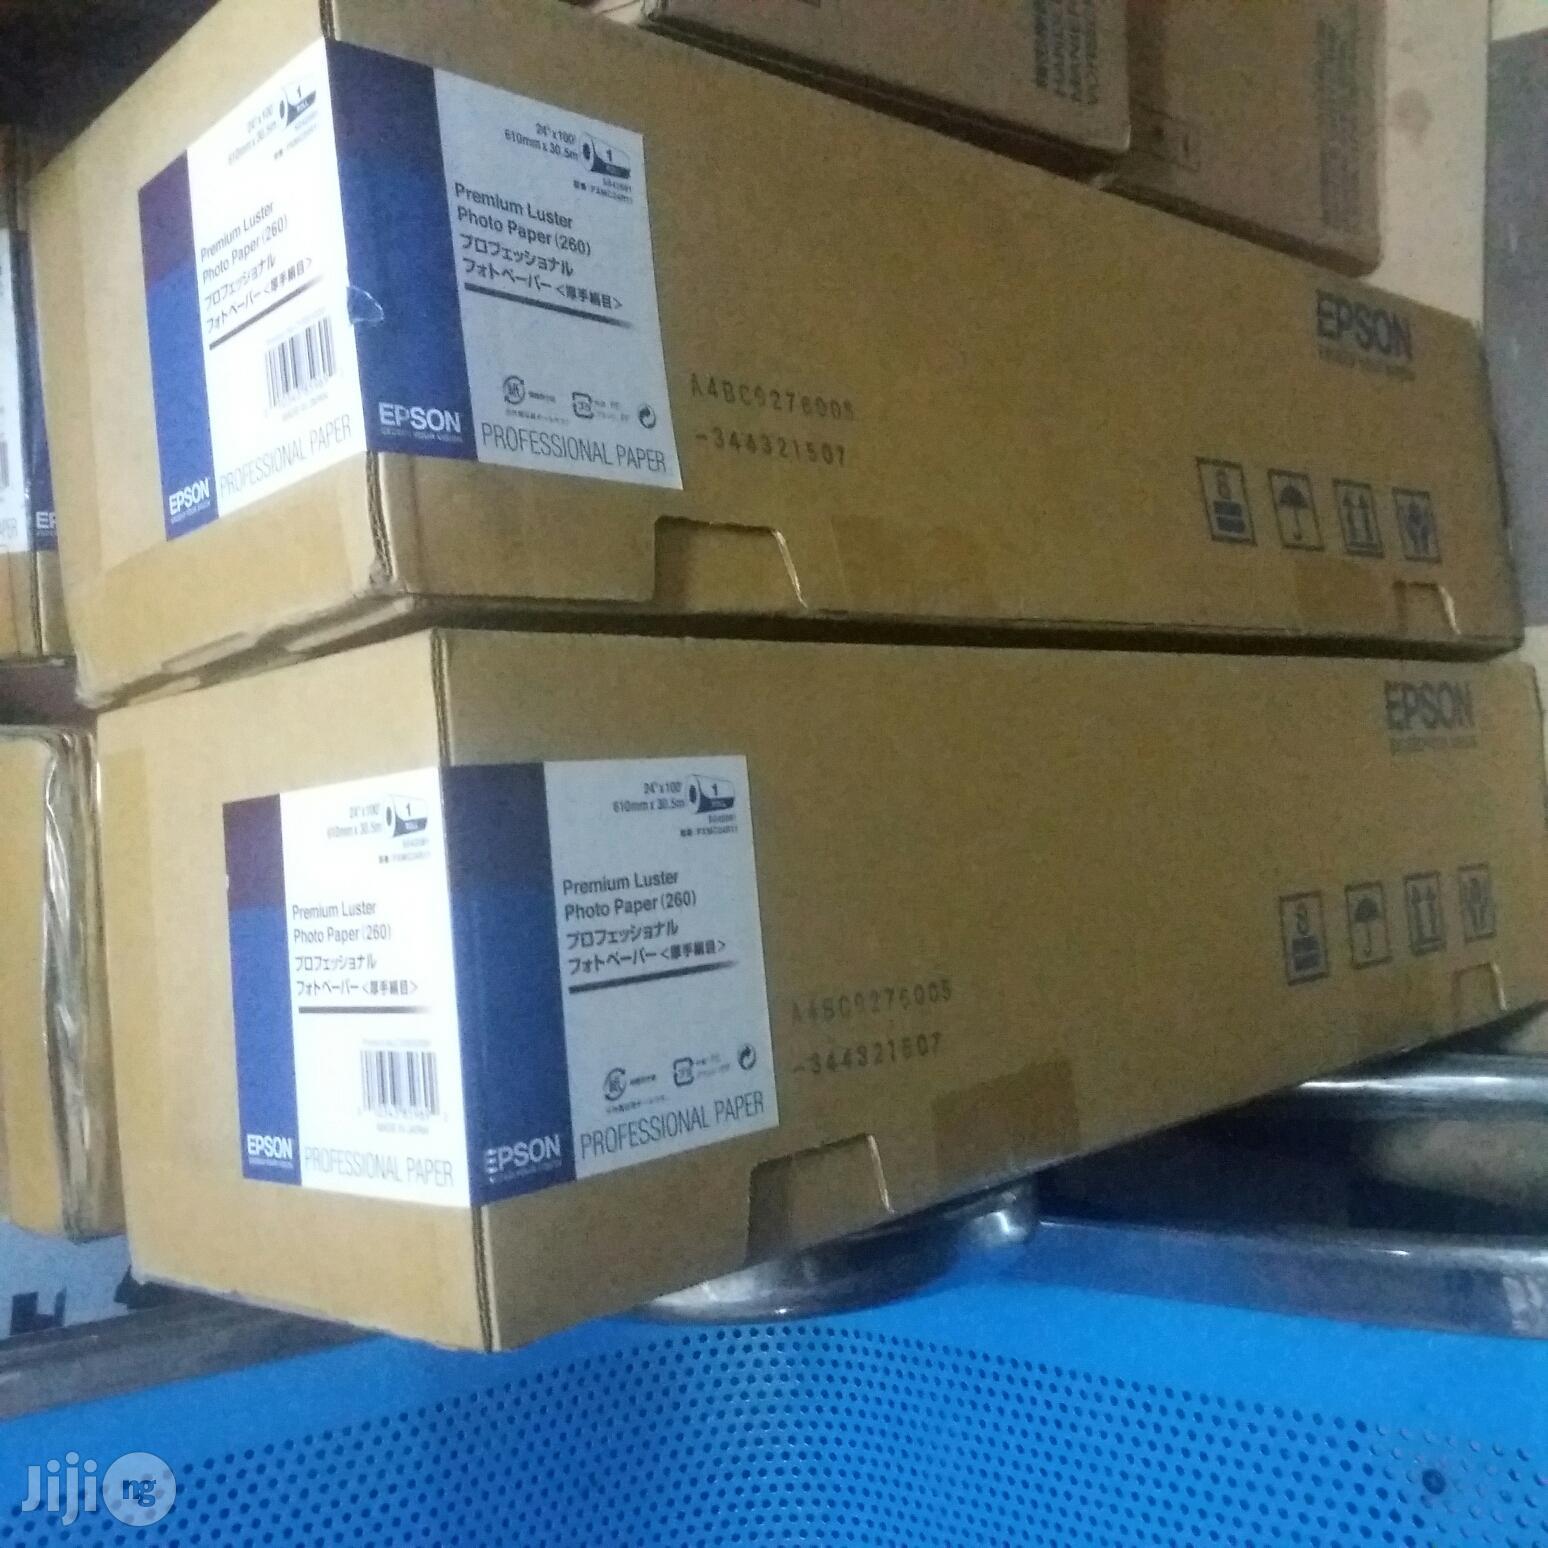 EPSON 24inches Premium Luster Photo Paper